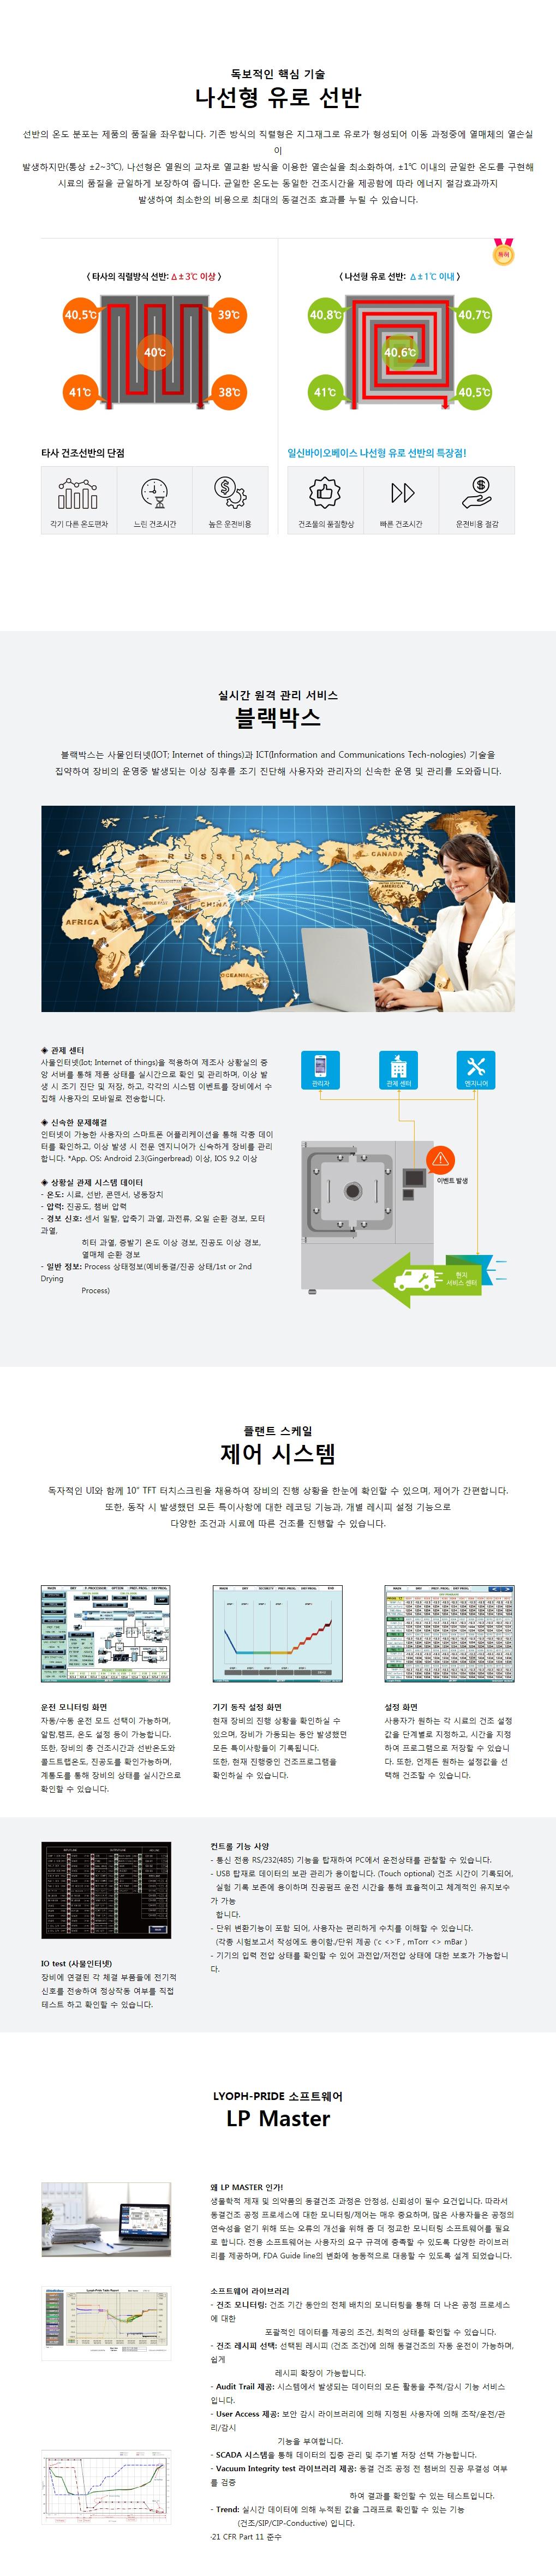 (주)일산바이오베이스 바이오/식품 산업용 LP-Series 6